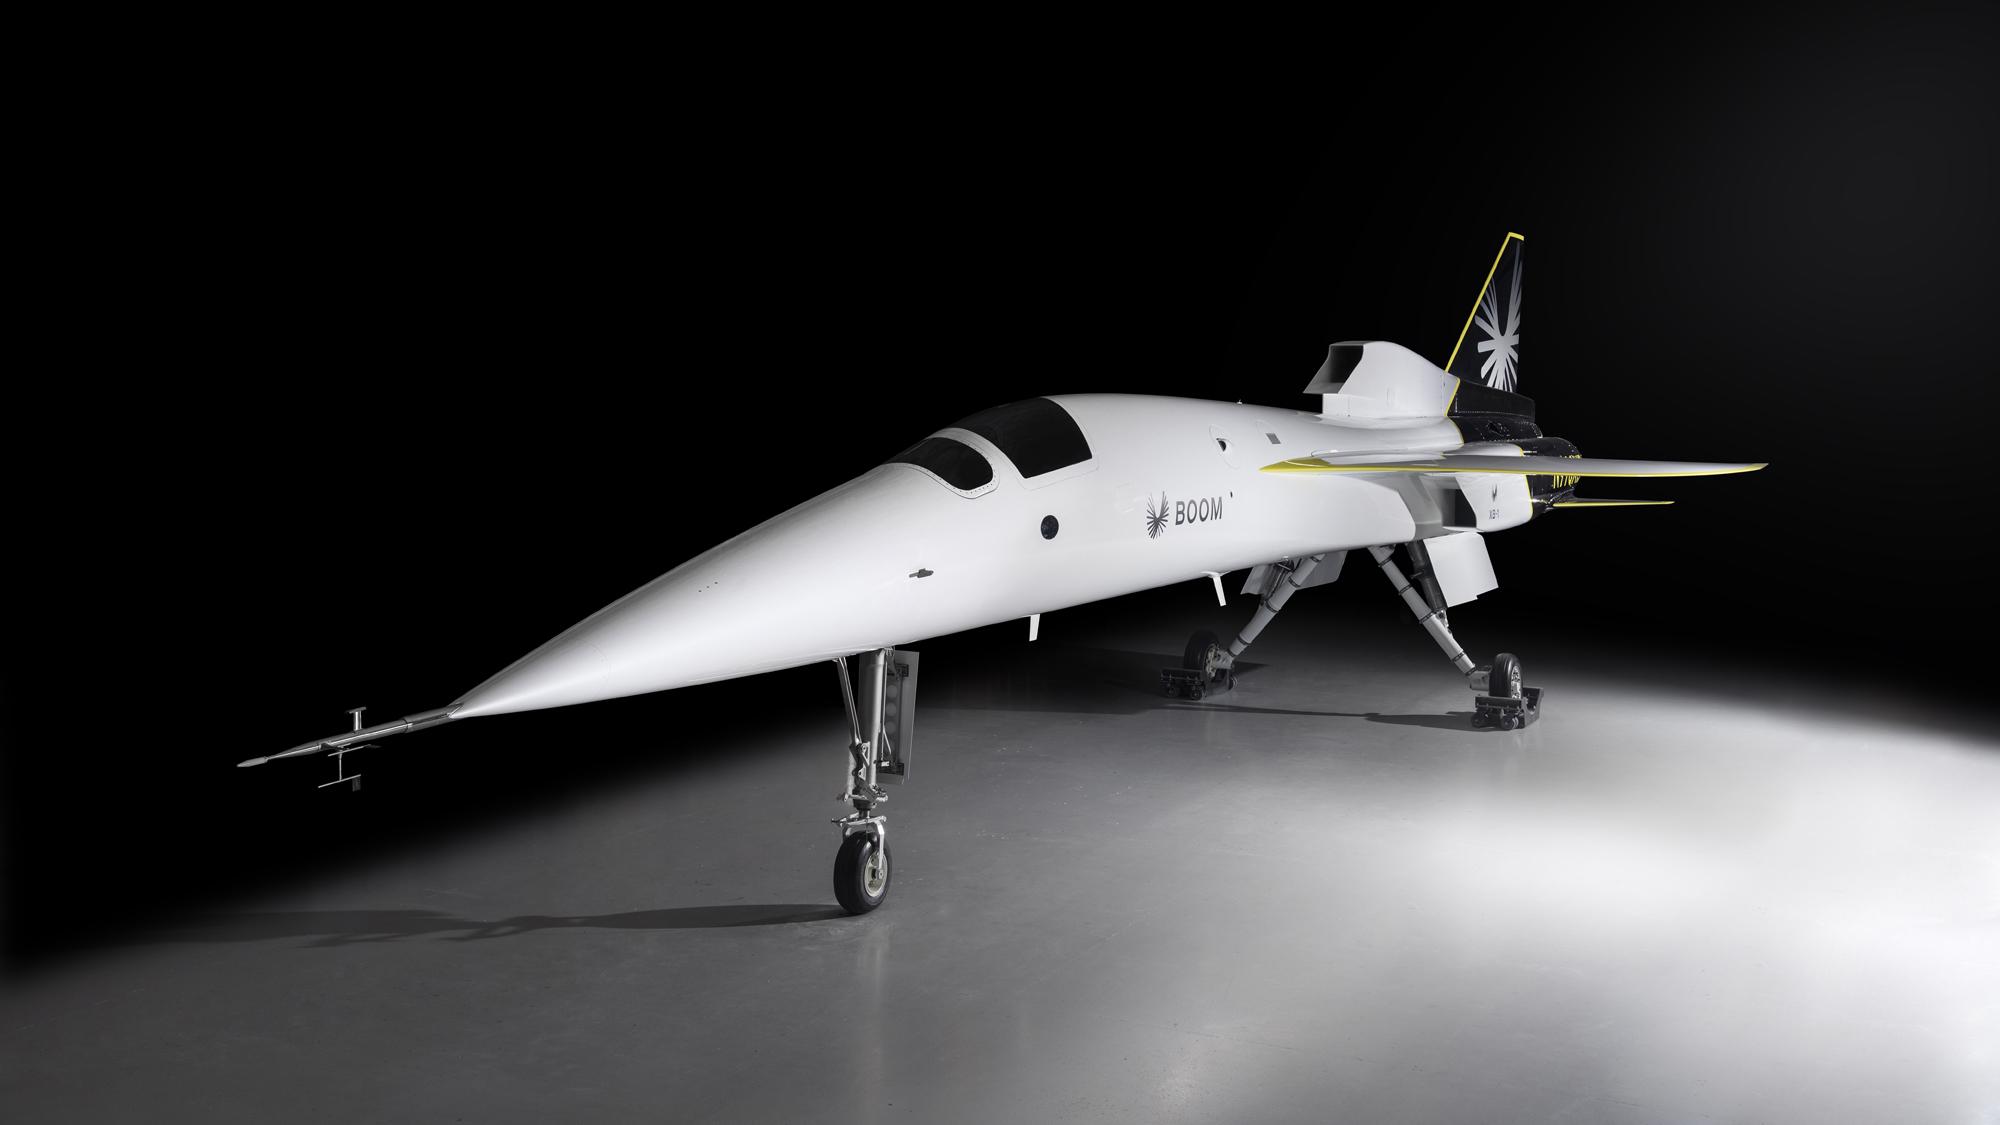 Boom Supersonic a dévoilé son avion de passagers supersonique XB-1 en octobre 2020.